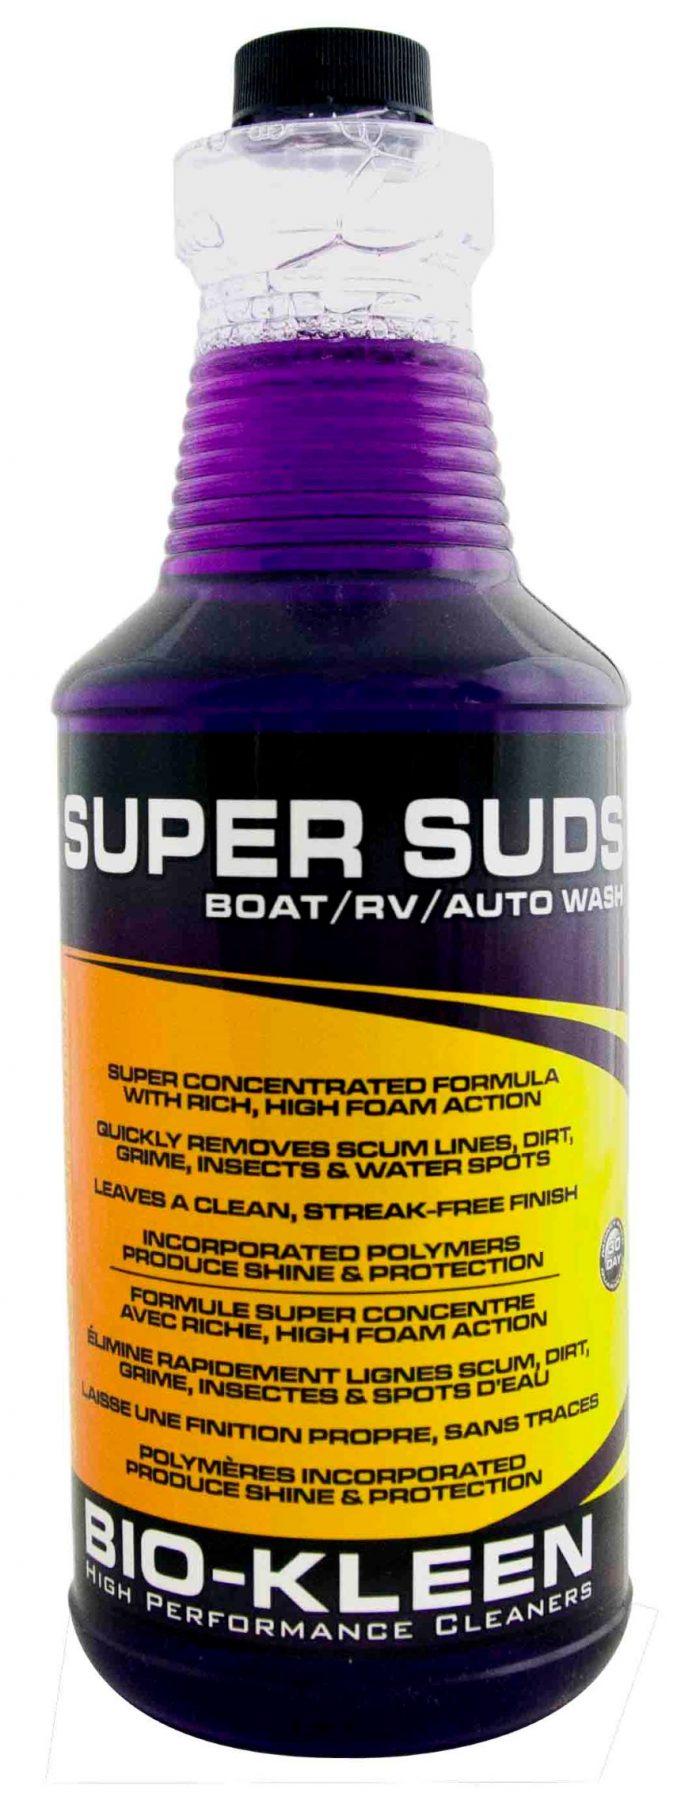 Bio-Kleen Super Suds